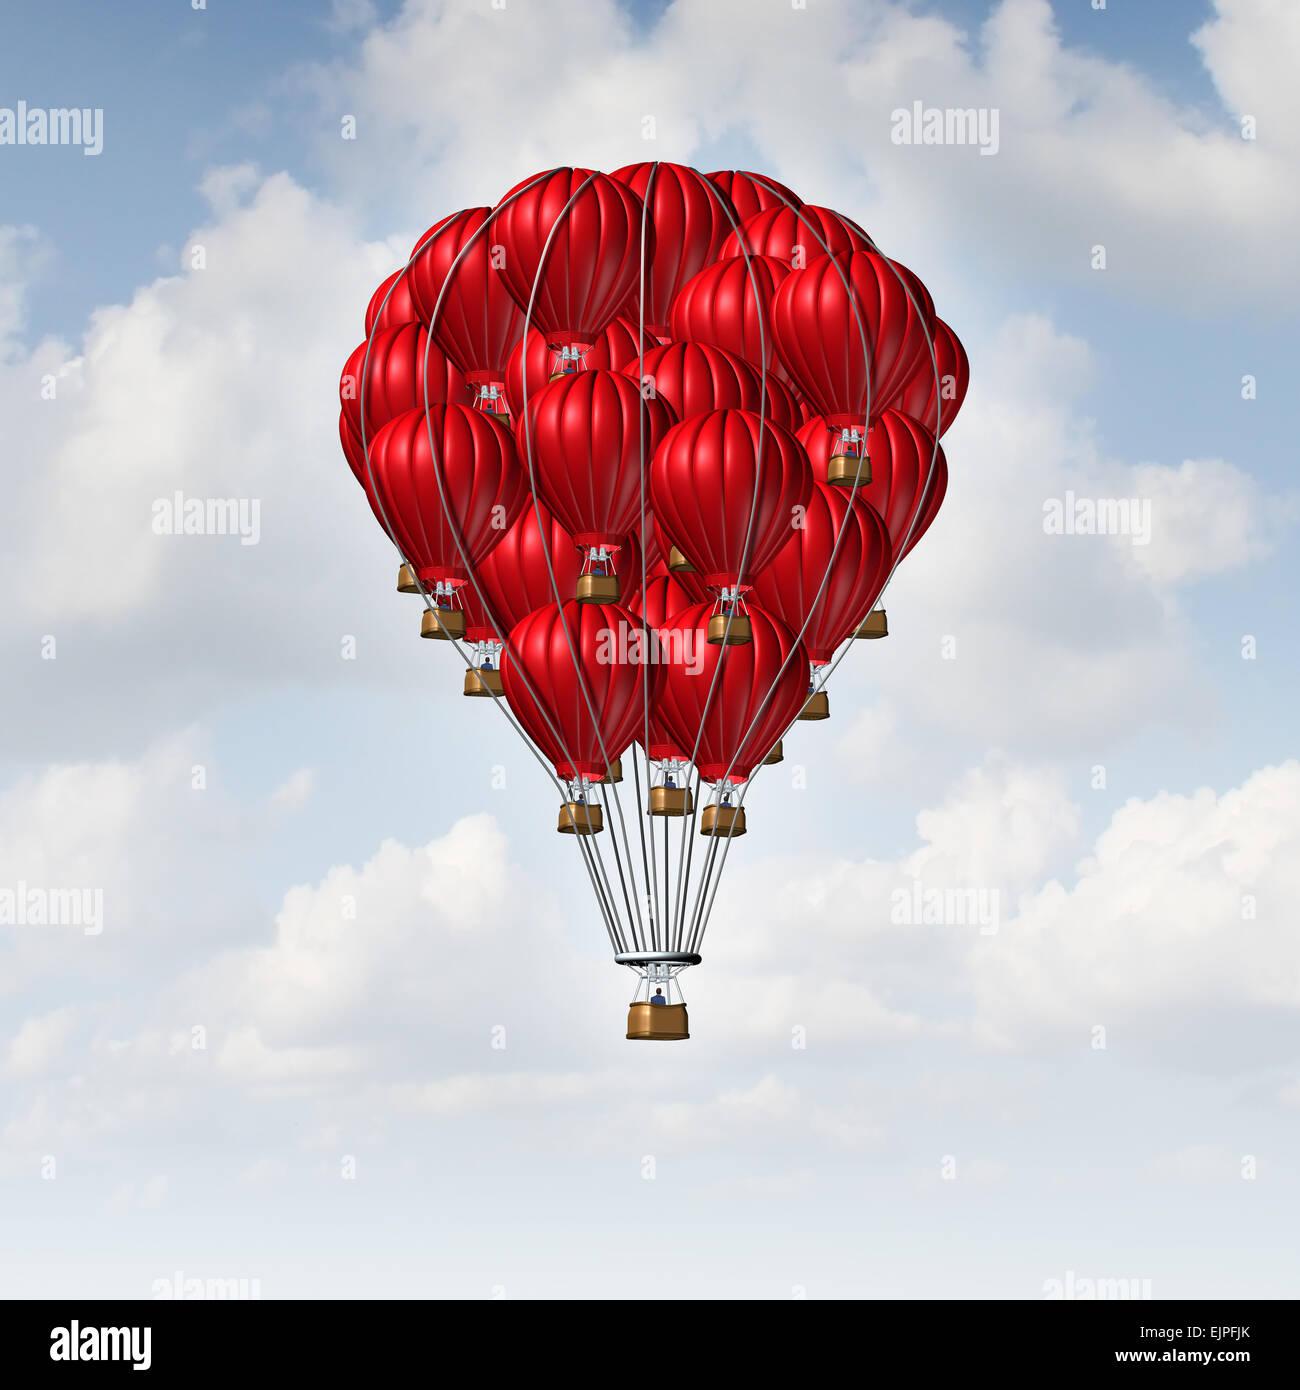 Concetto di gruppo come una squadra di rosso i palloni ad aria calda uniti insieme come un simbolo per il lavoro Immagini Stock